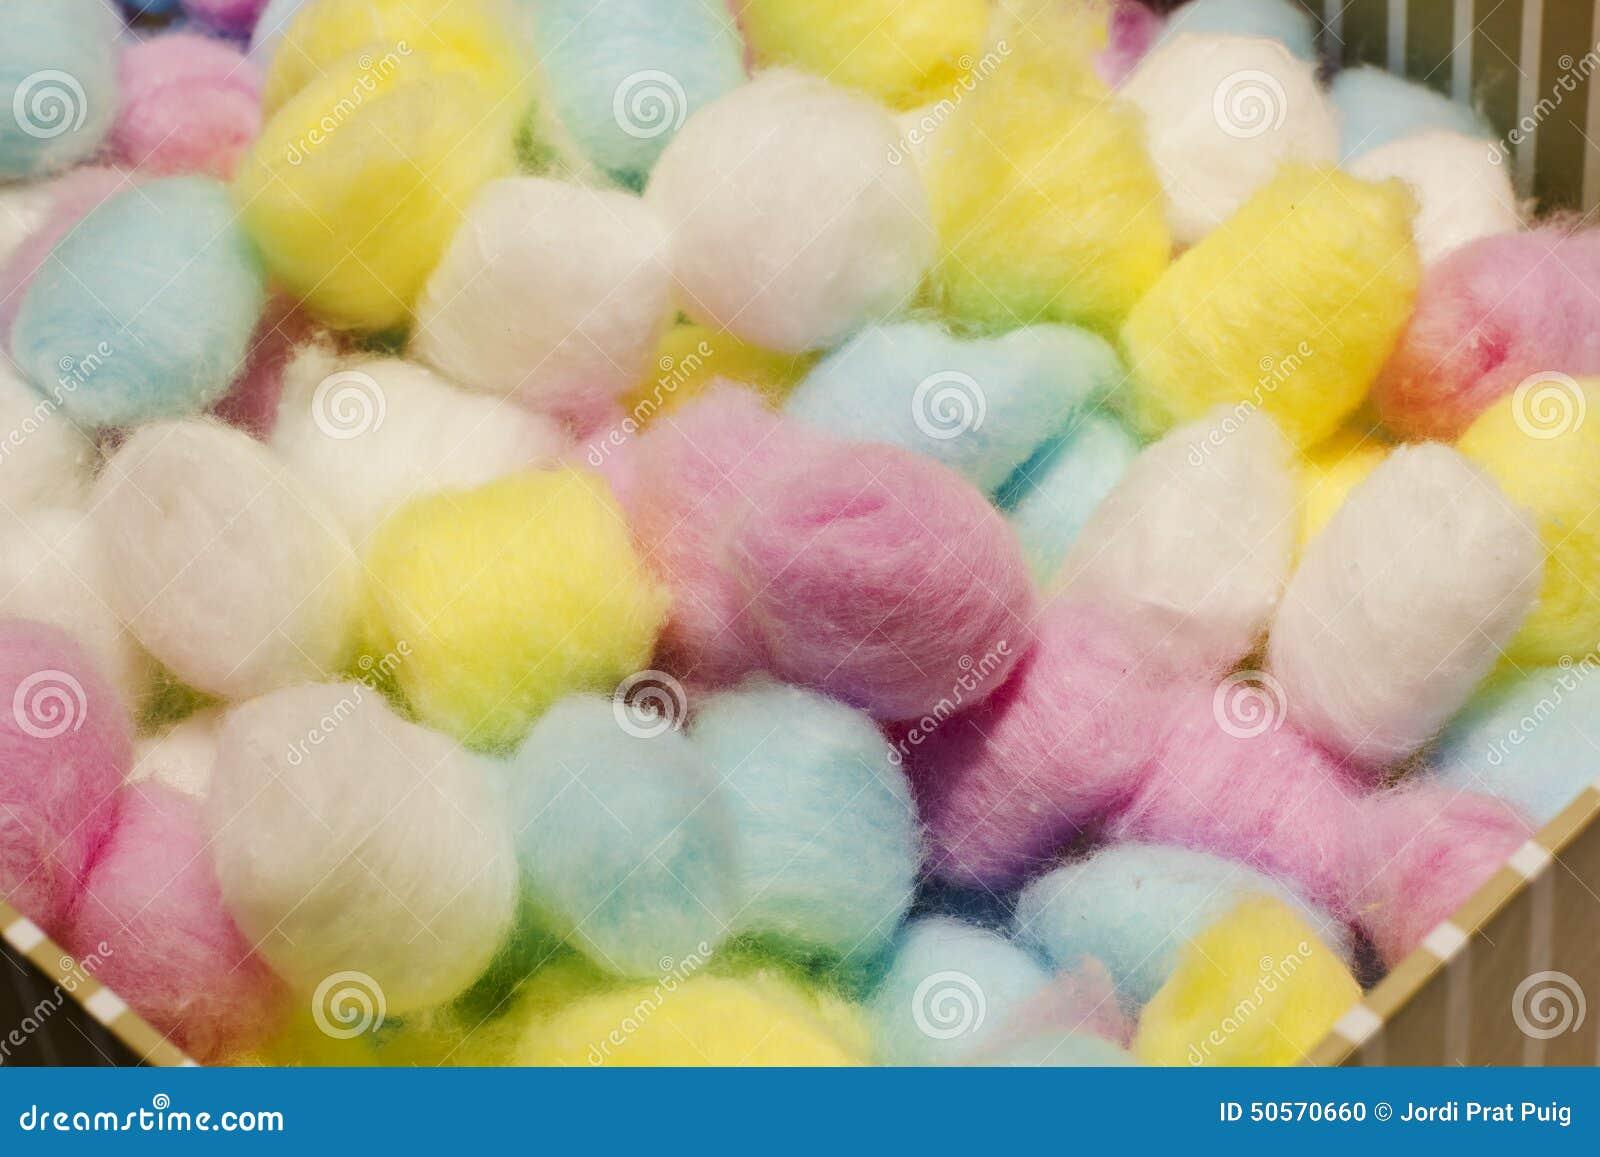 boules de coton color es photo stock image du cosmetic. Black Bedroom Furniture Sets. Home Design Ideas